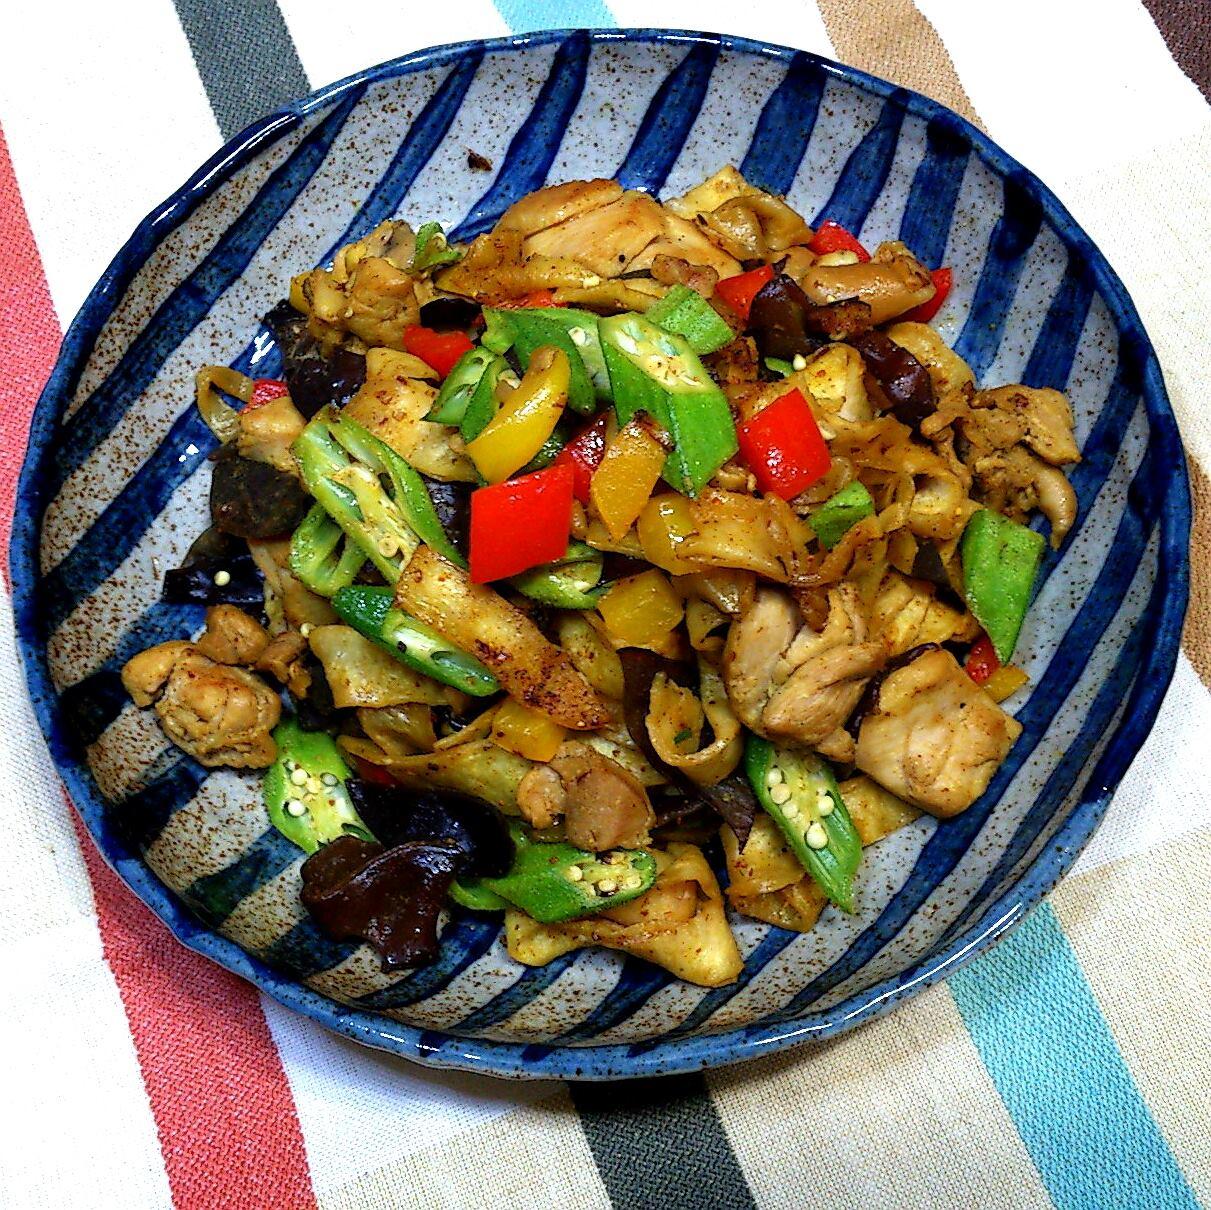 【桔香醬油】咖哩蔬菜雞肉炒餅